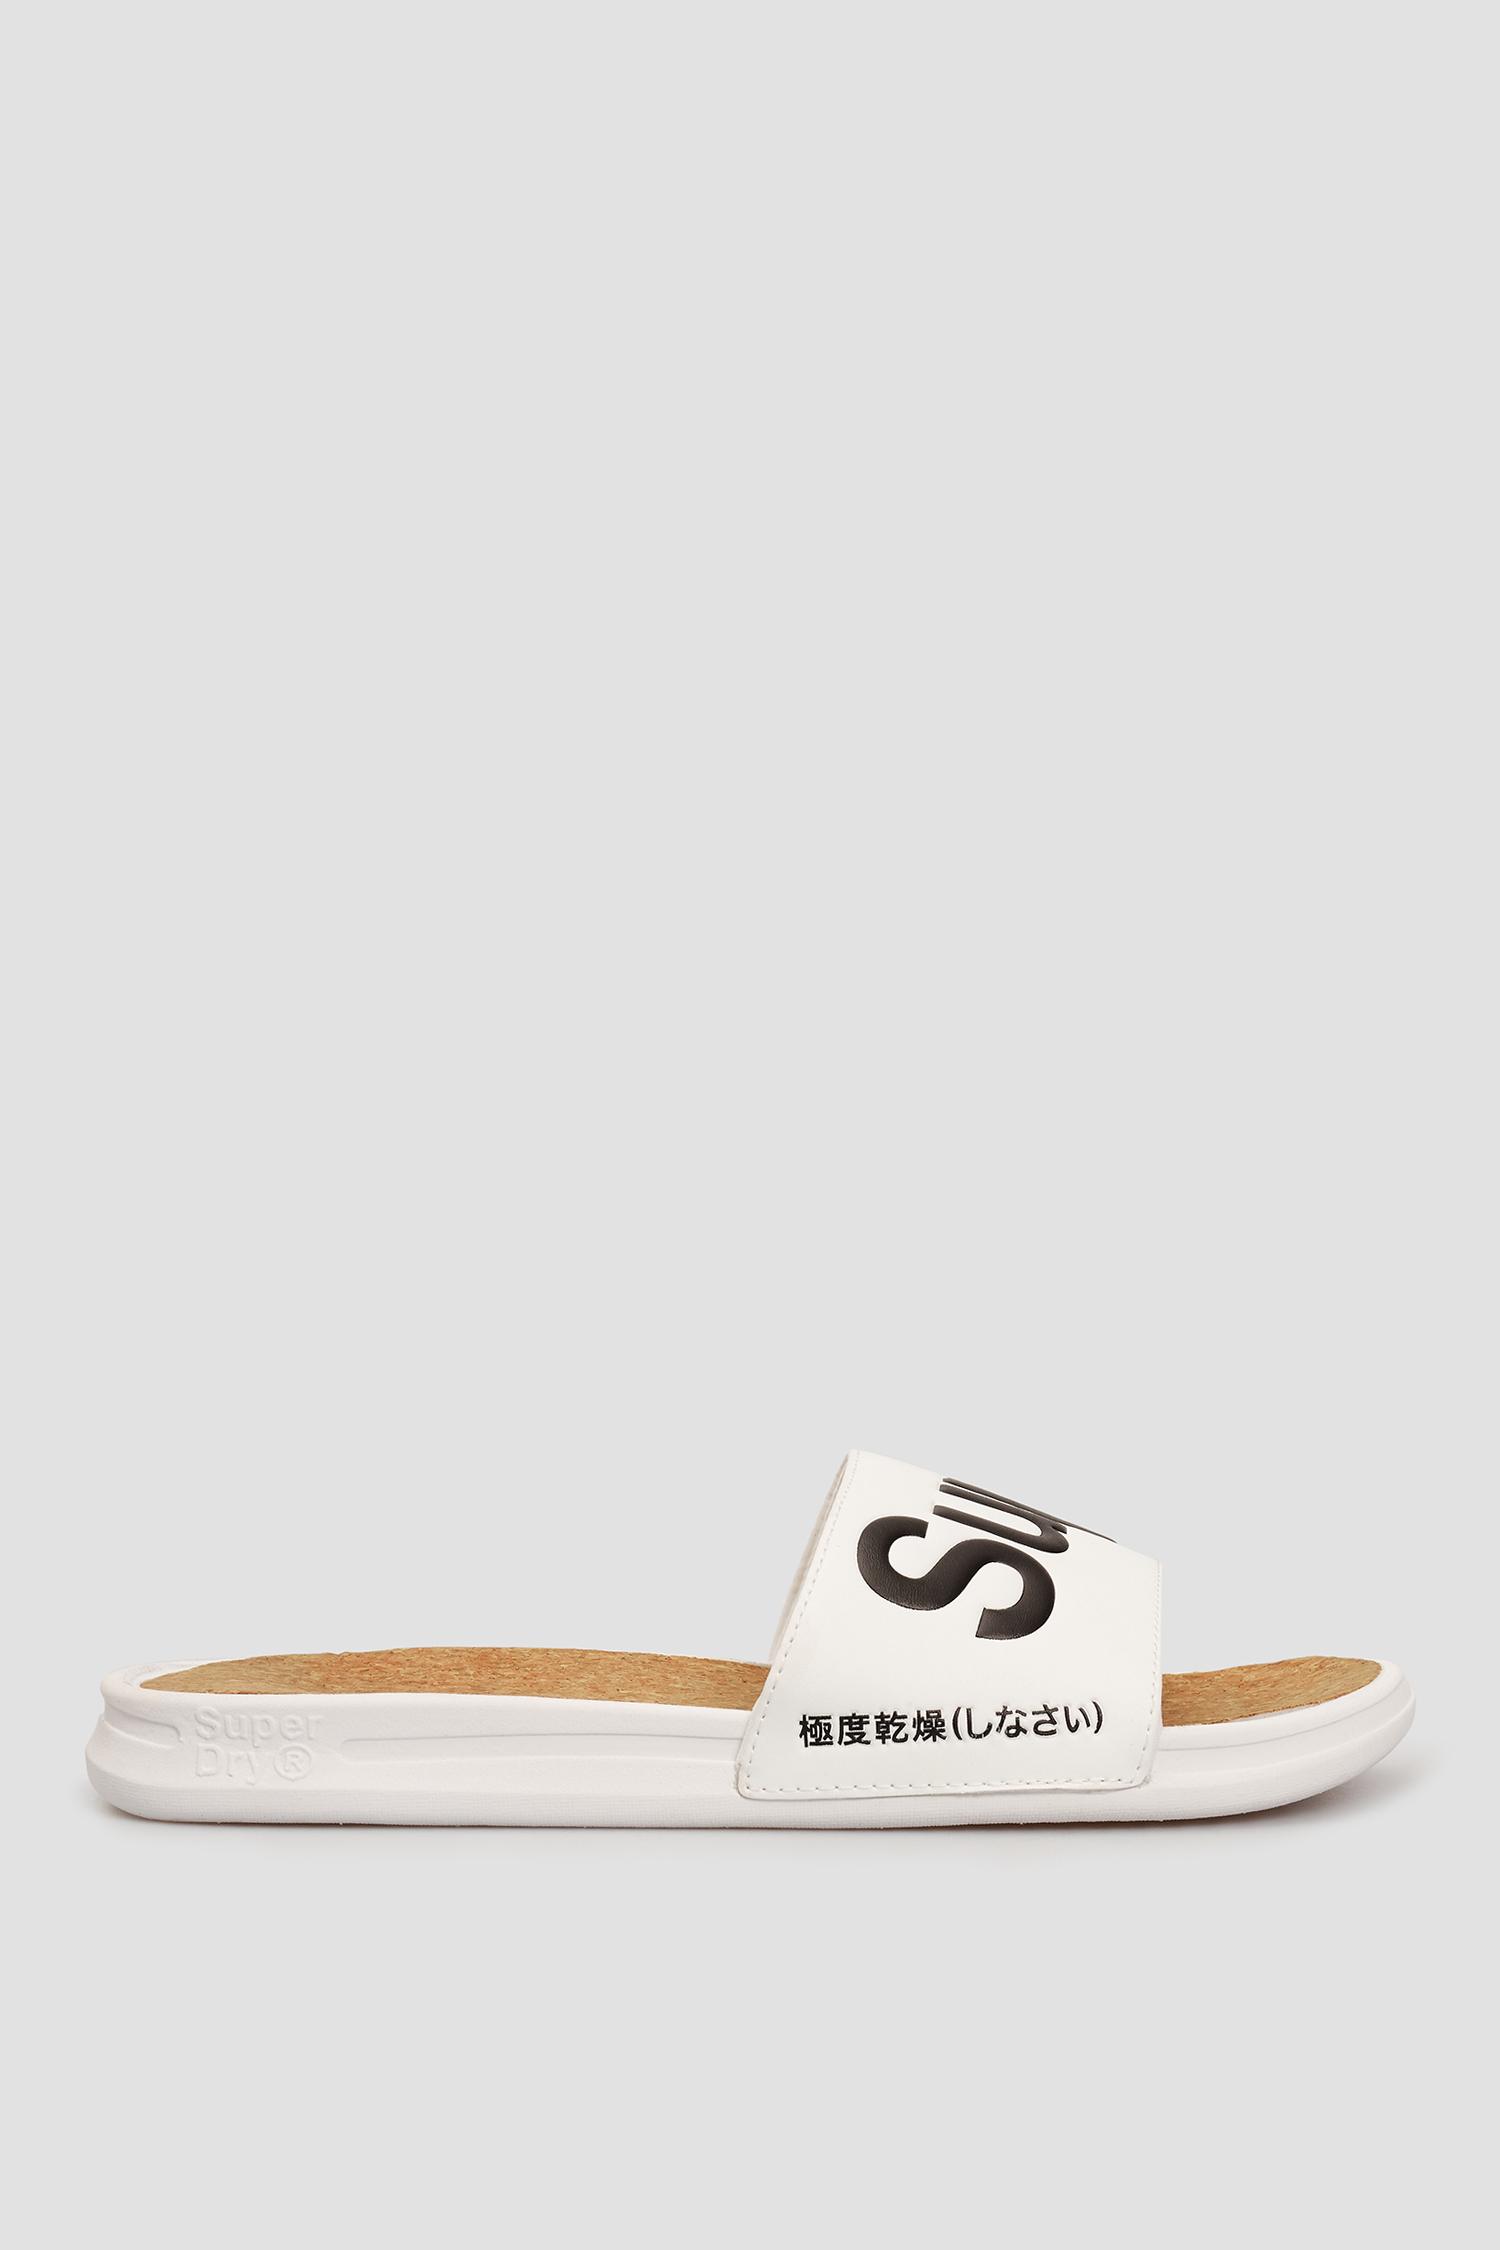 Білі слайдери для хлопців SuperDry MF310130A;01C